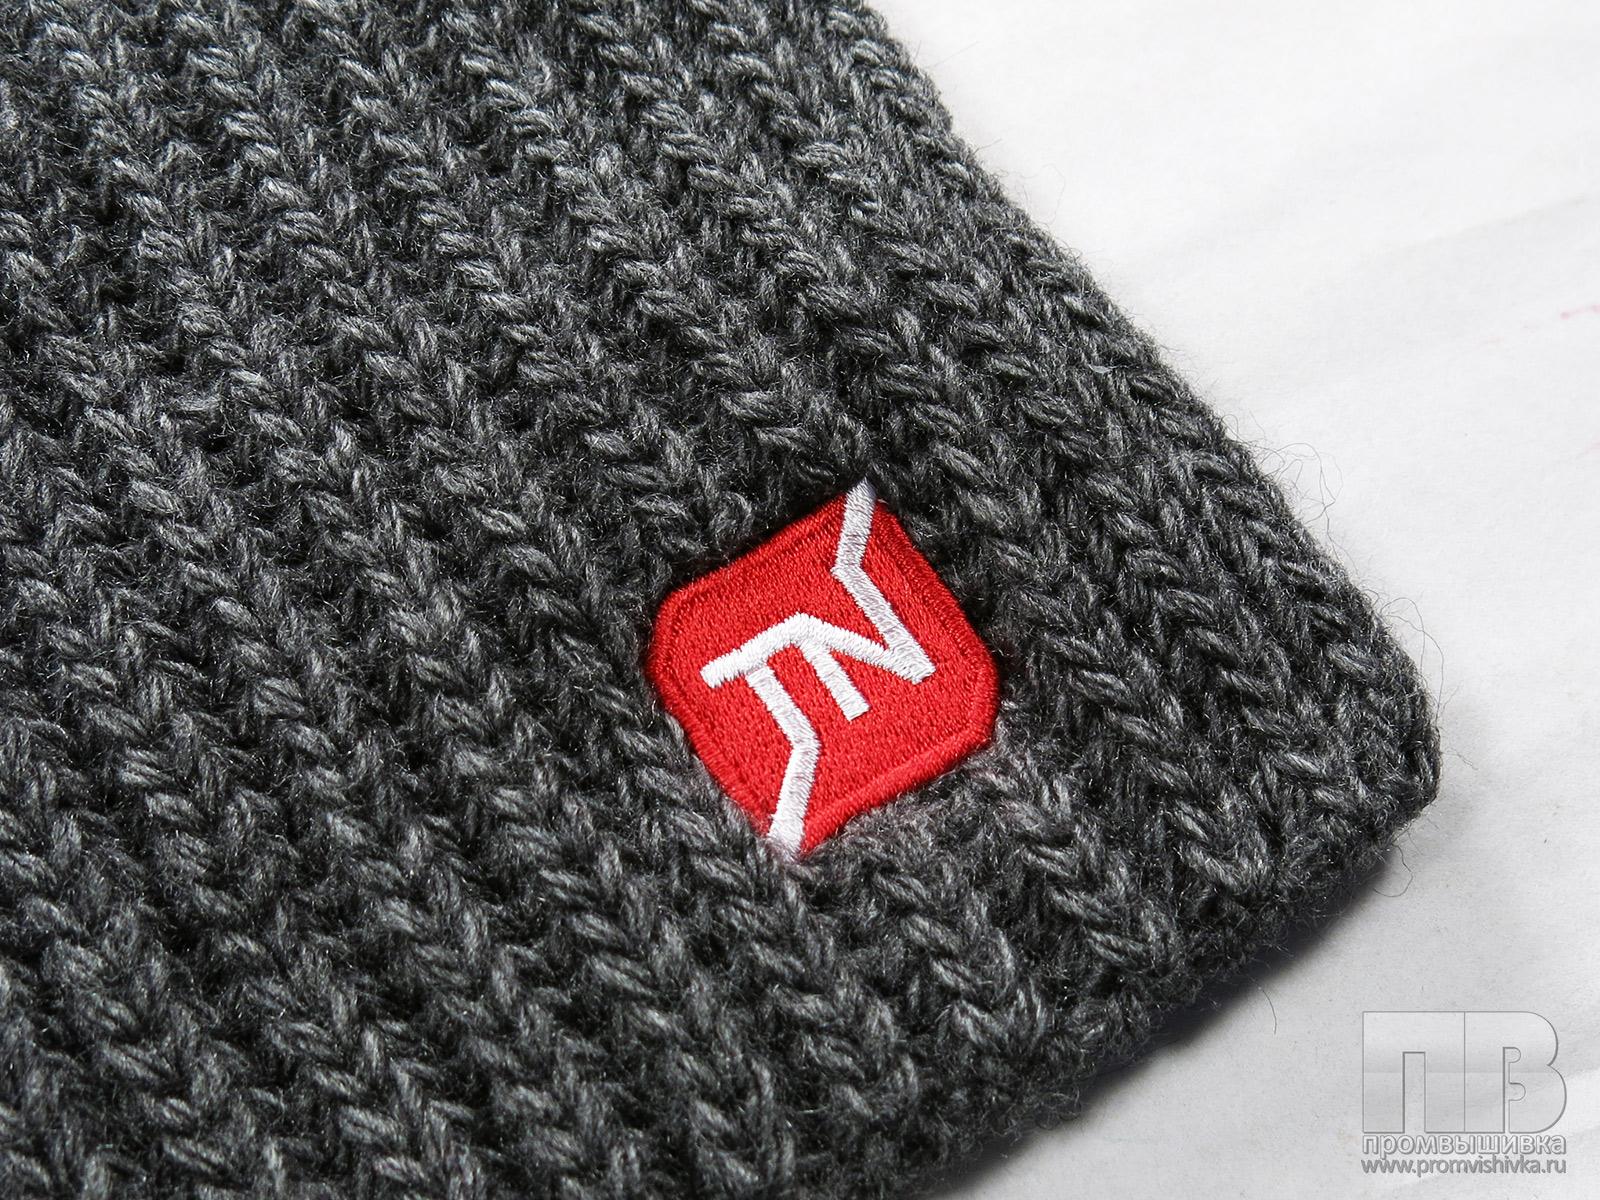 Вышивка на вязаных шарфах